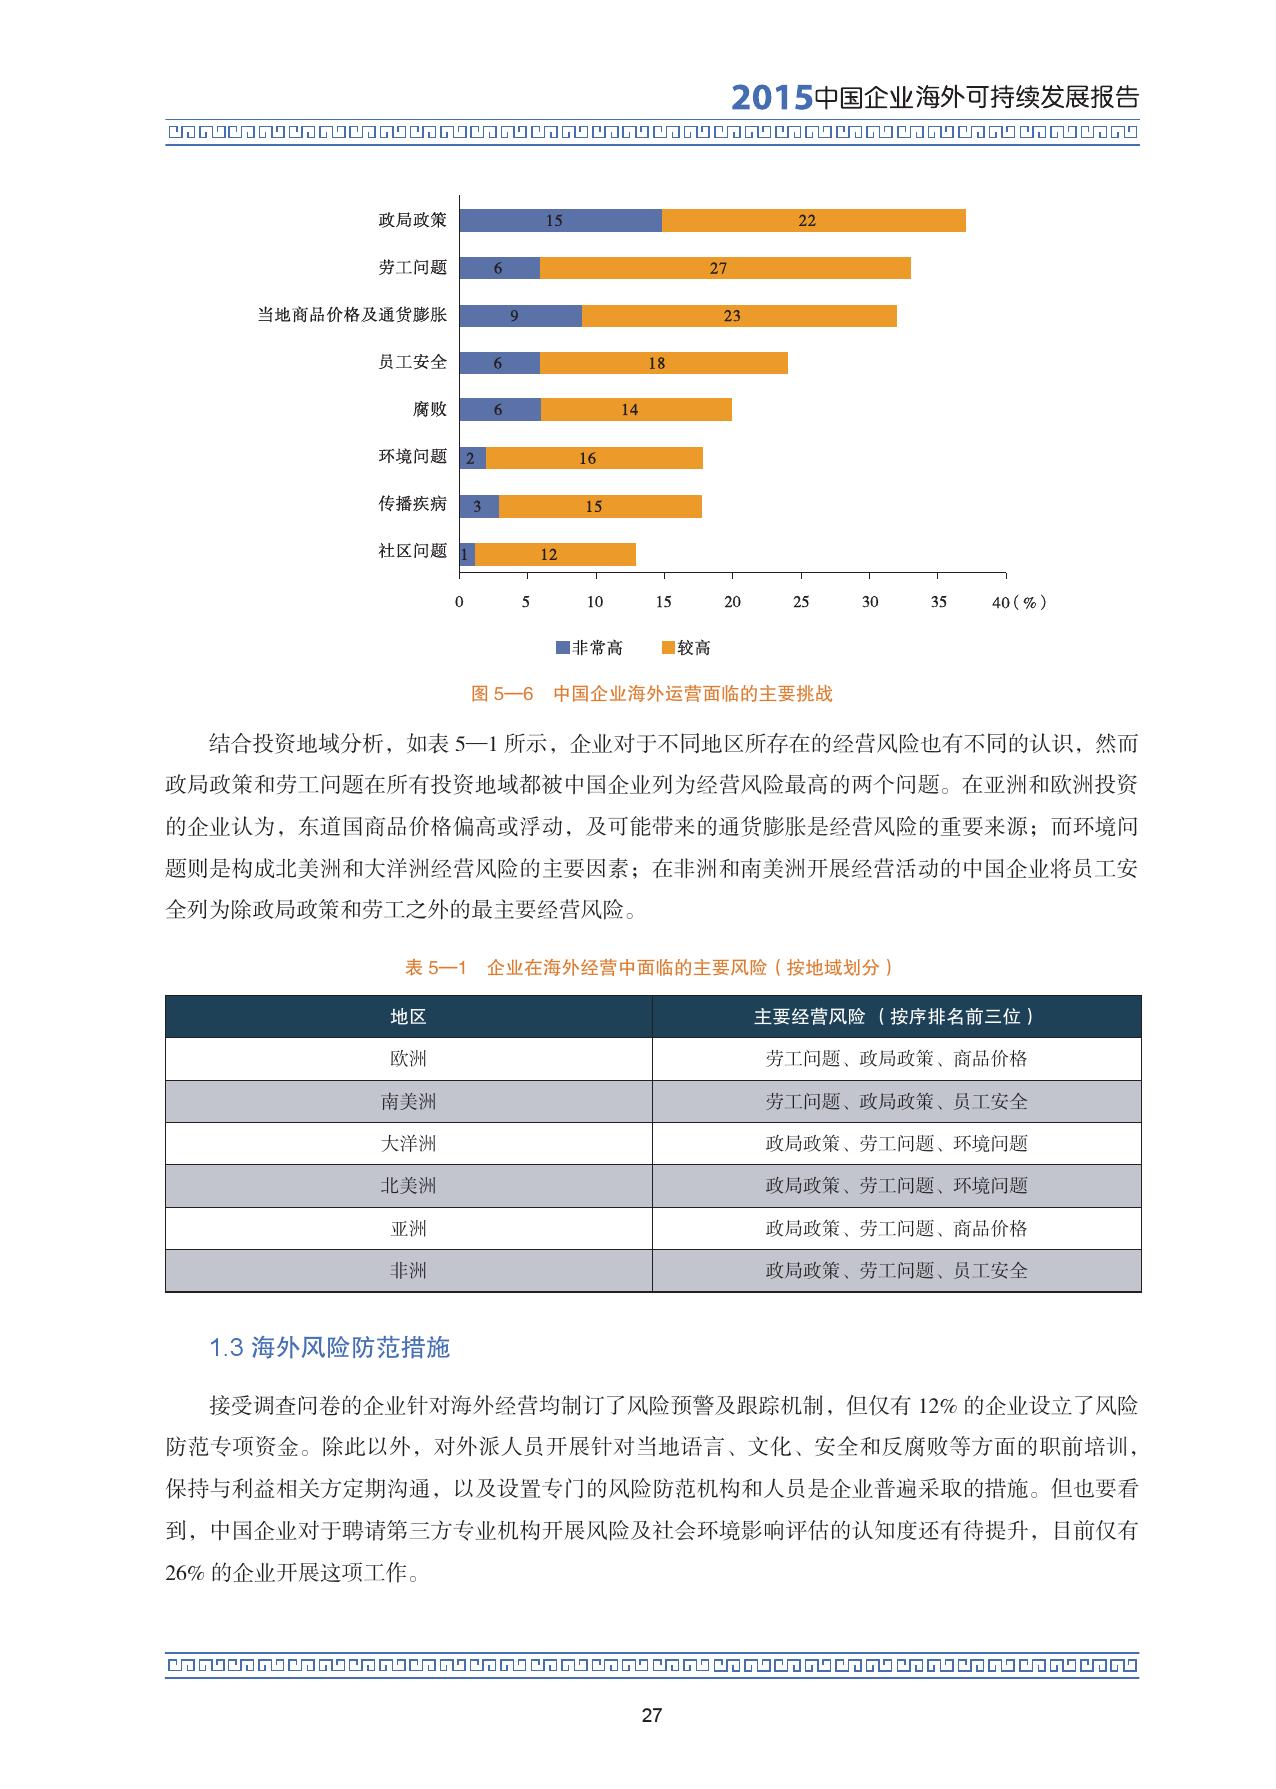 2015中国企业海外可持续发展报告_000041